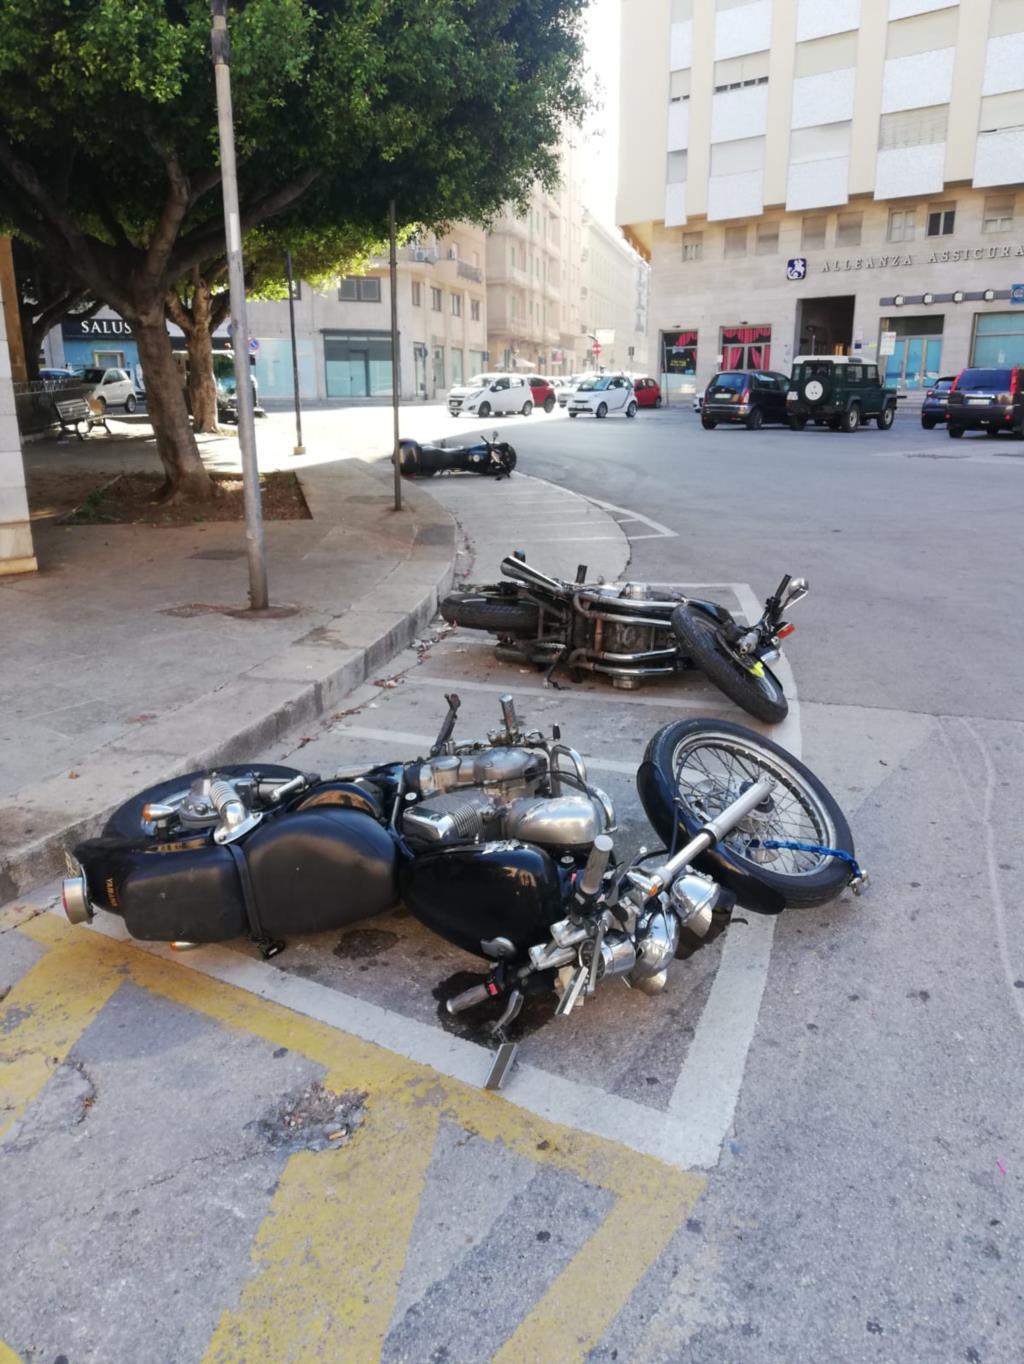 Trapani, vandali in azione nel centro storico